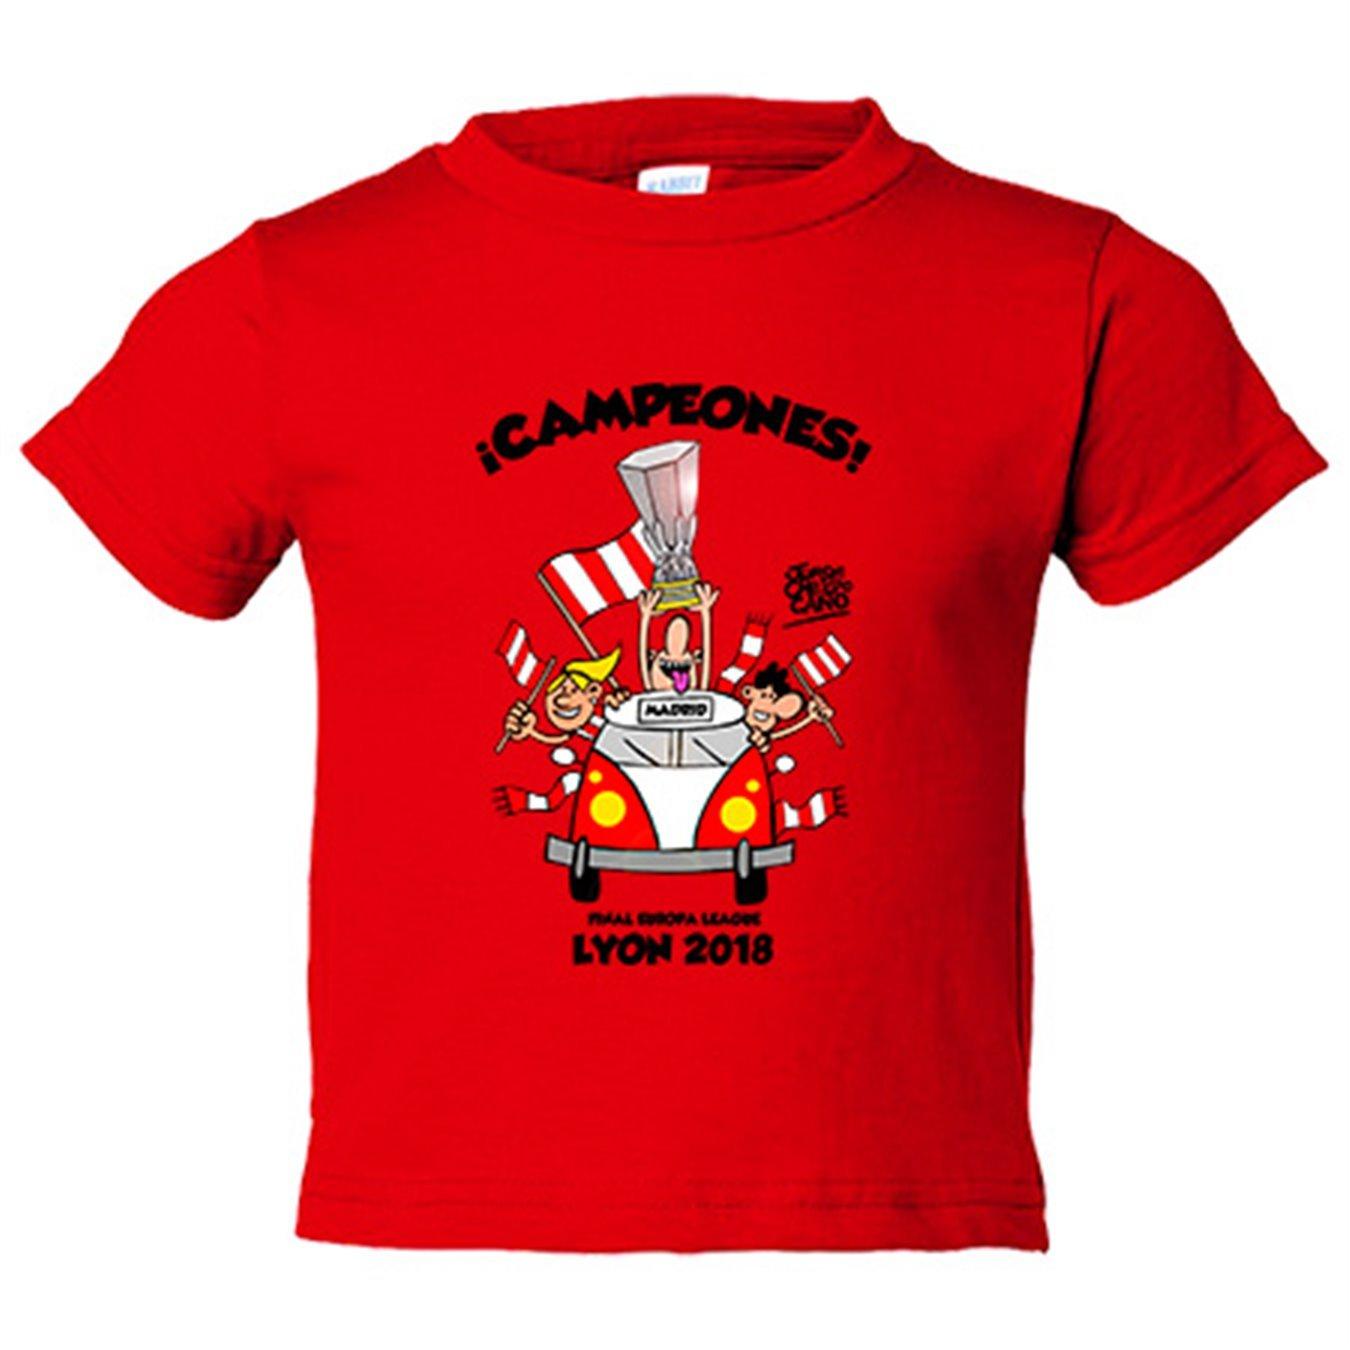 Camiseta niño Atlético de Madrid volvemos de Lyon campeones 2018 Europa League - Amarillo, 3-4 años: Amazon.es: Bebé